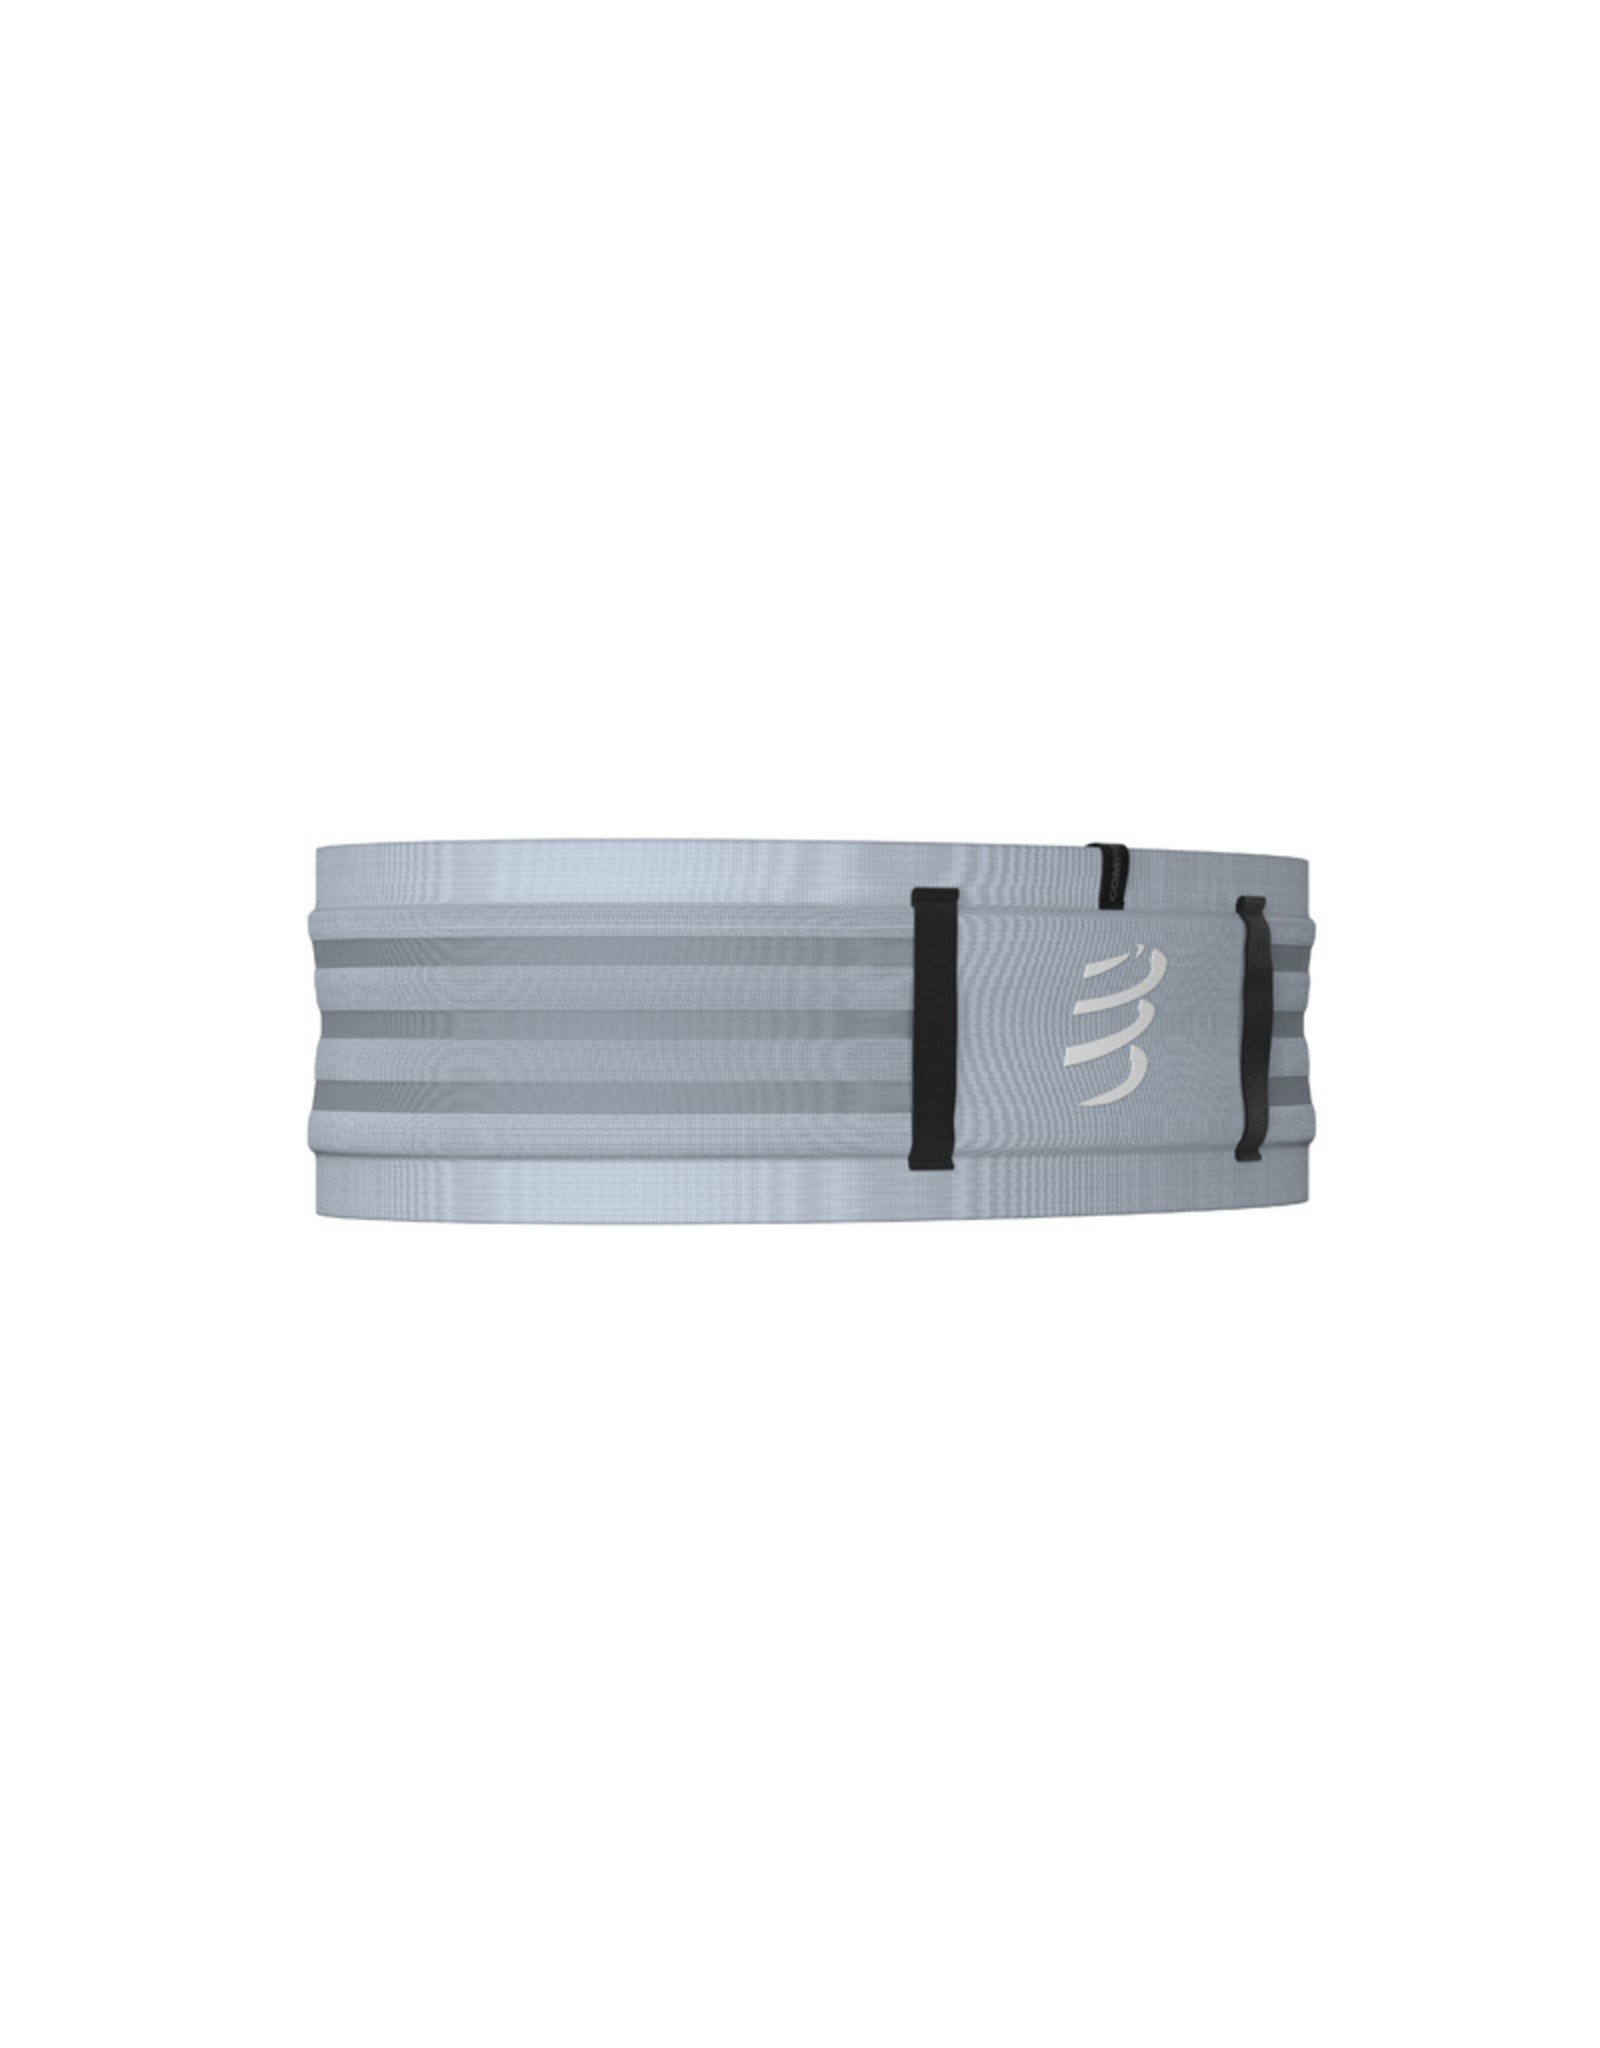 Compressport Free Belt Pro Heupband Met Lussen - Grijs